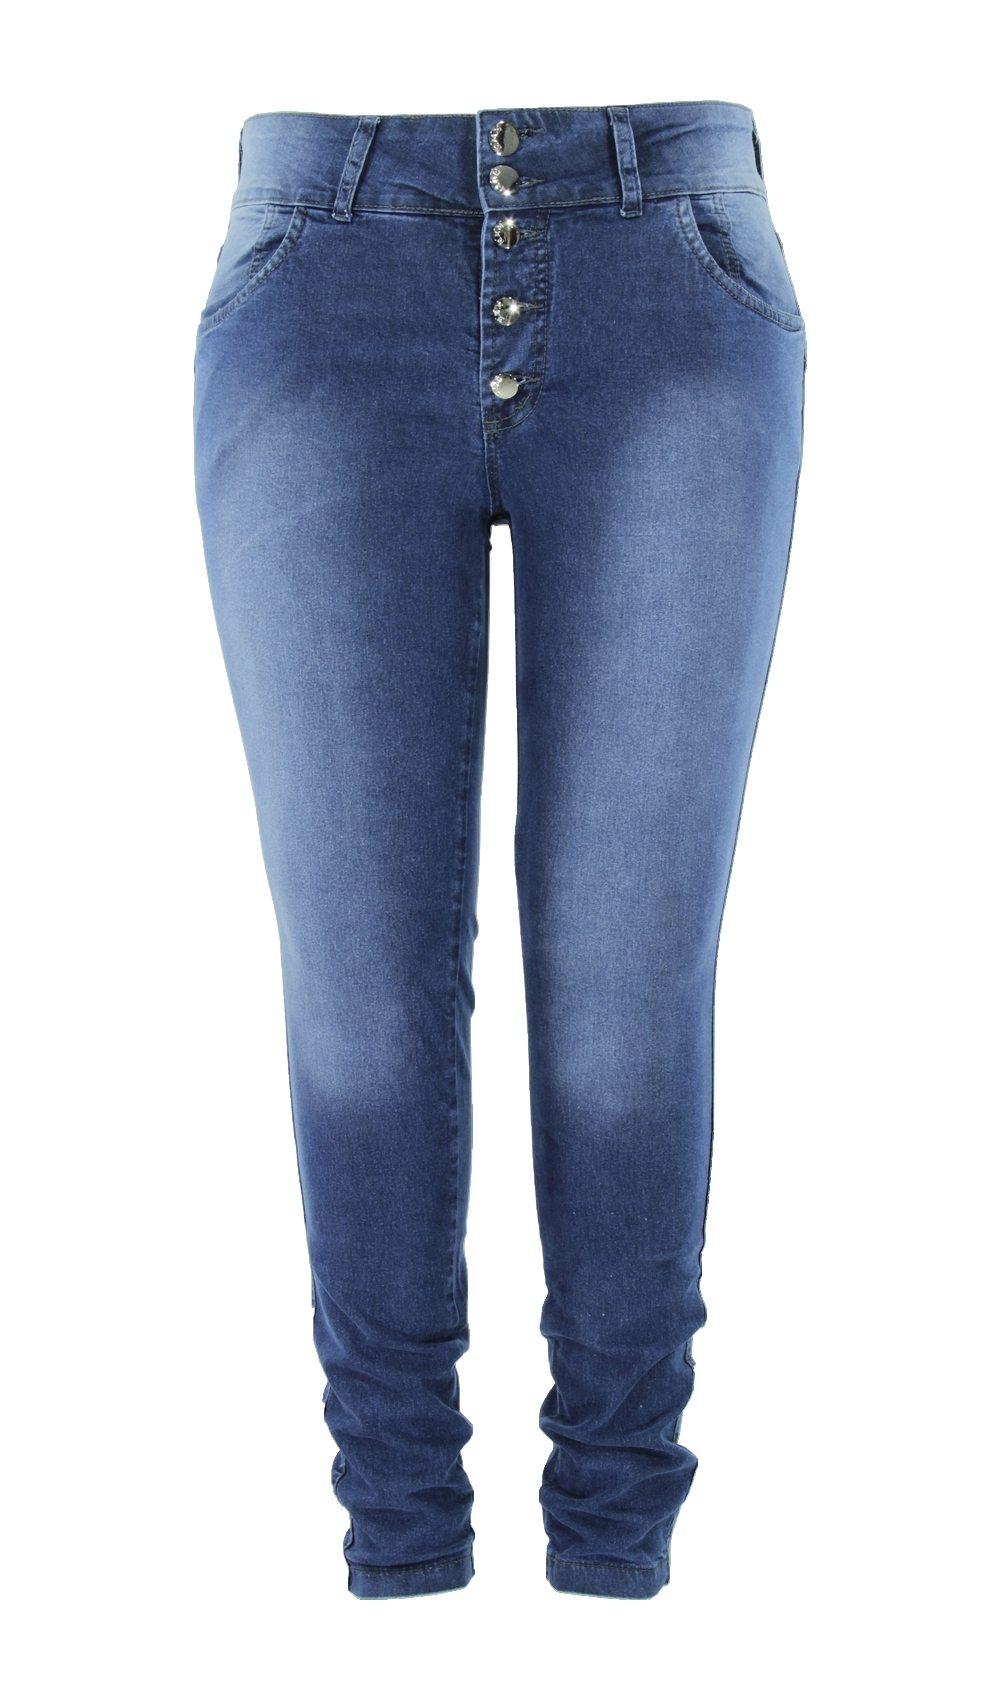 Calça Skinny Eruption Jeans ref. 5611STO